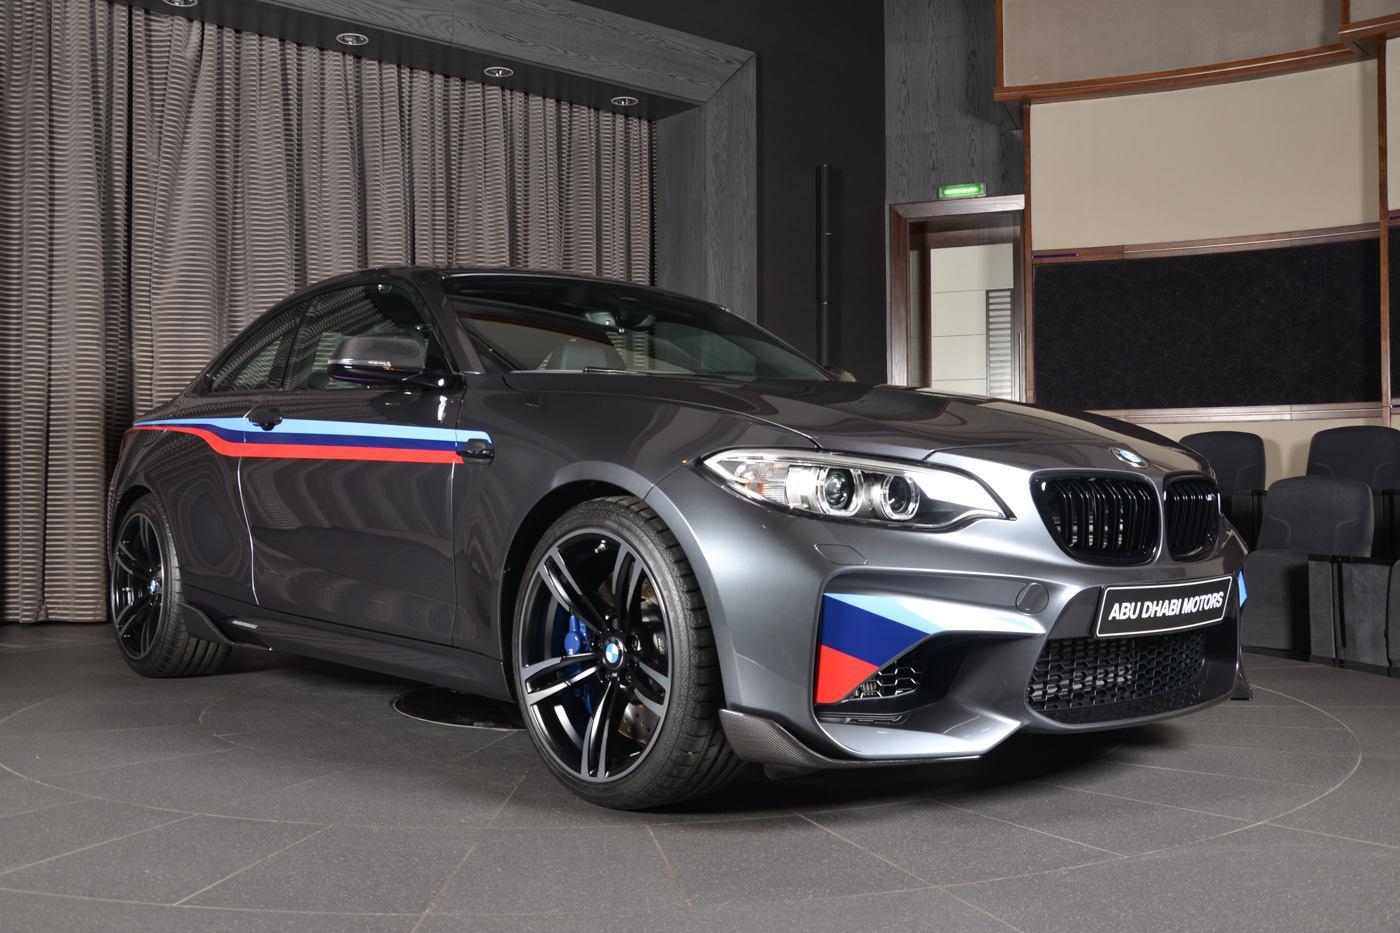 BMW_M2_Abu_Dhabi_02